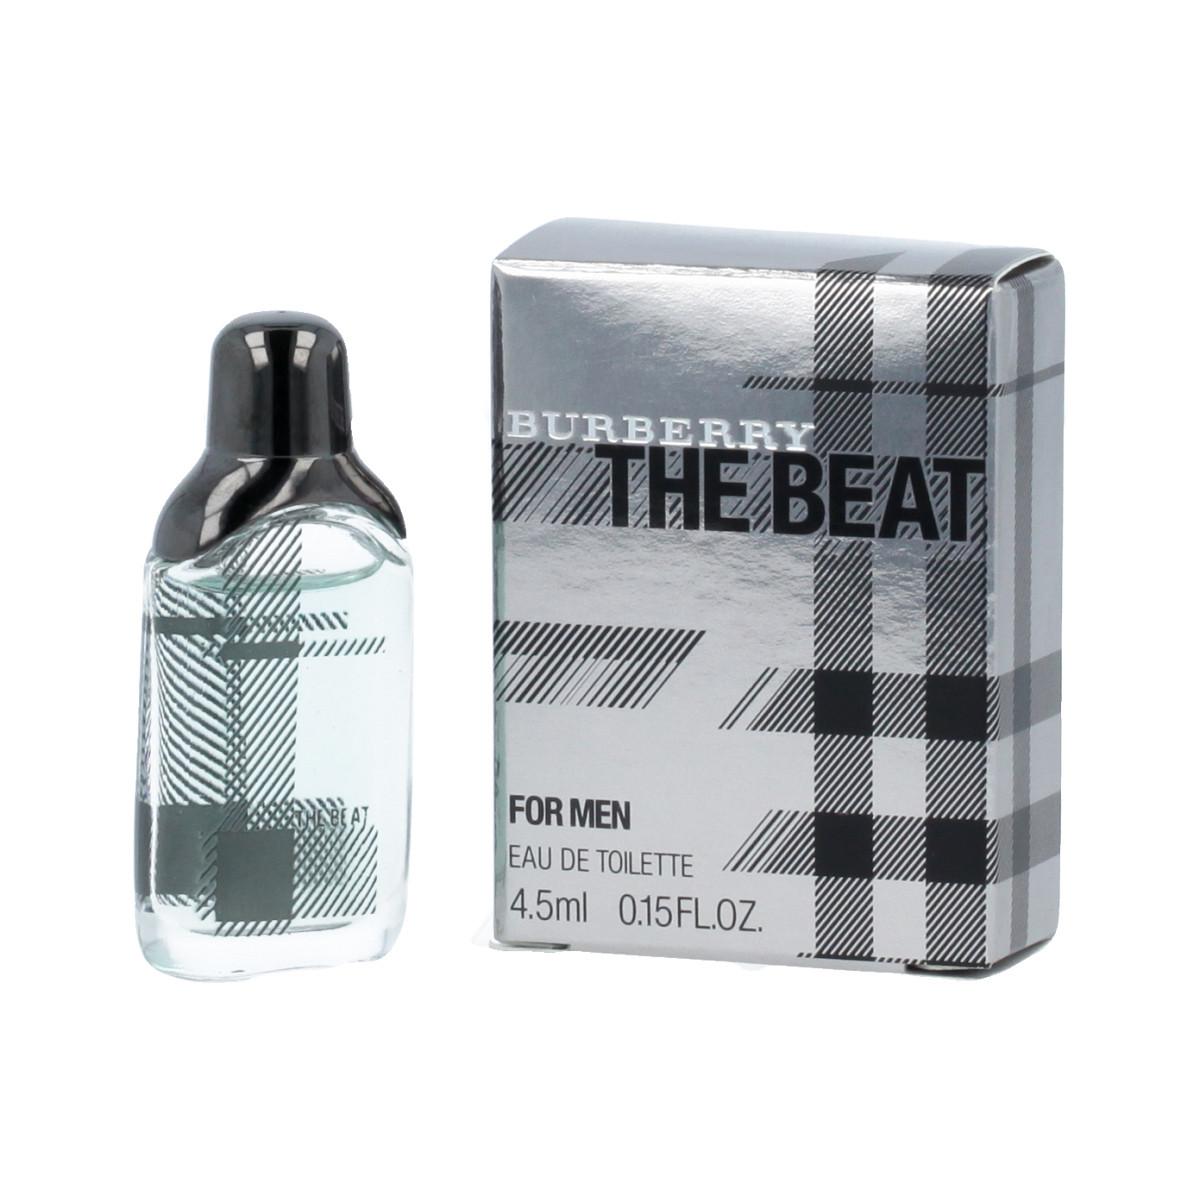 Burberry The Beat for Men Eau De Toilette Miniatur 4.5 ml